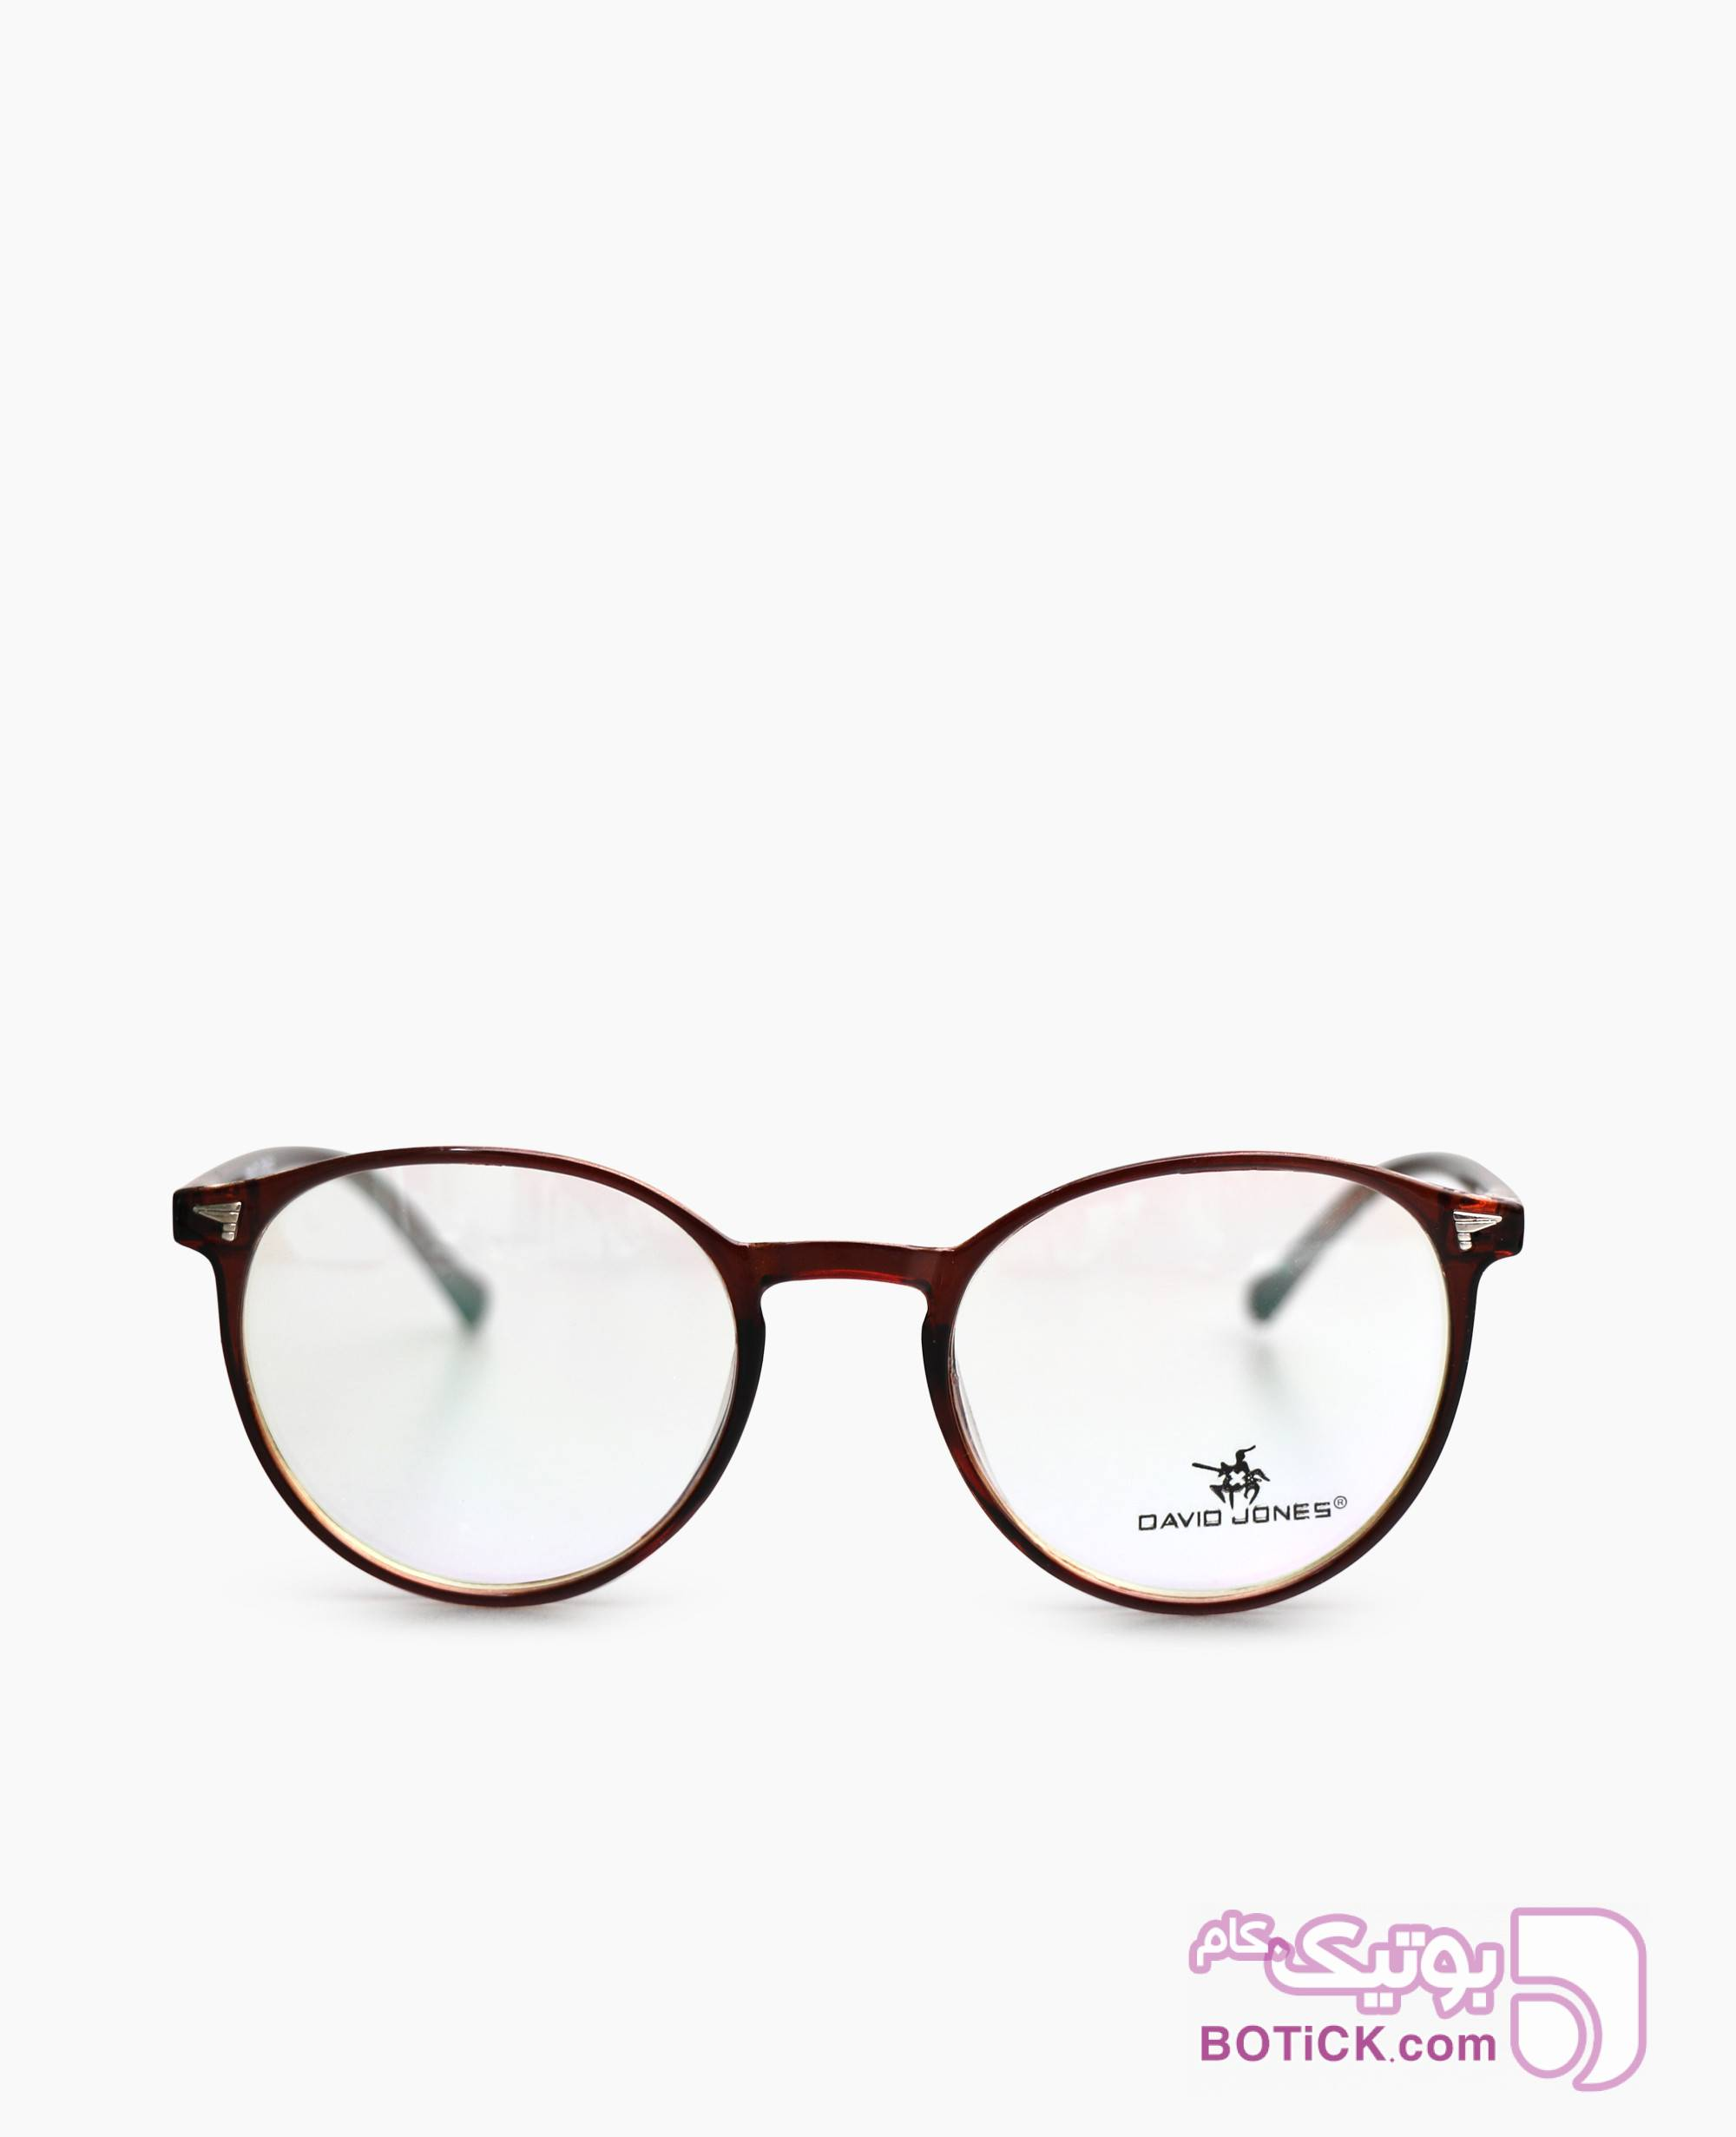 فریم عینک طبی David Jones کد 2453 مشکی عینک طبی